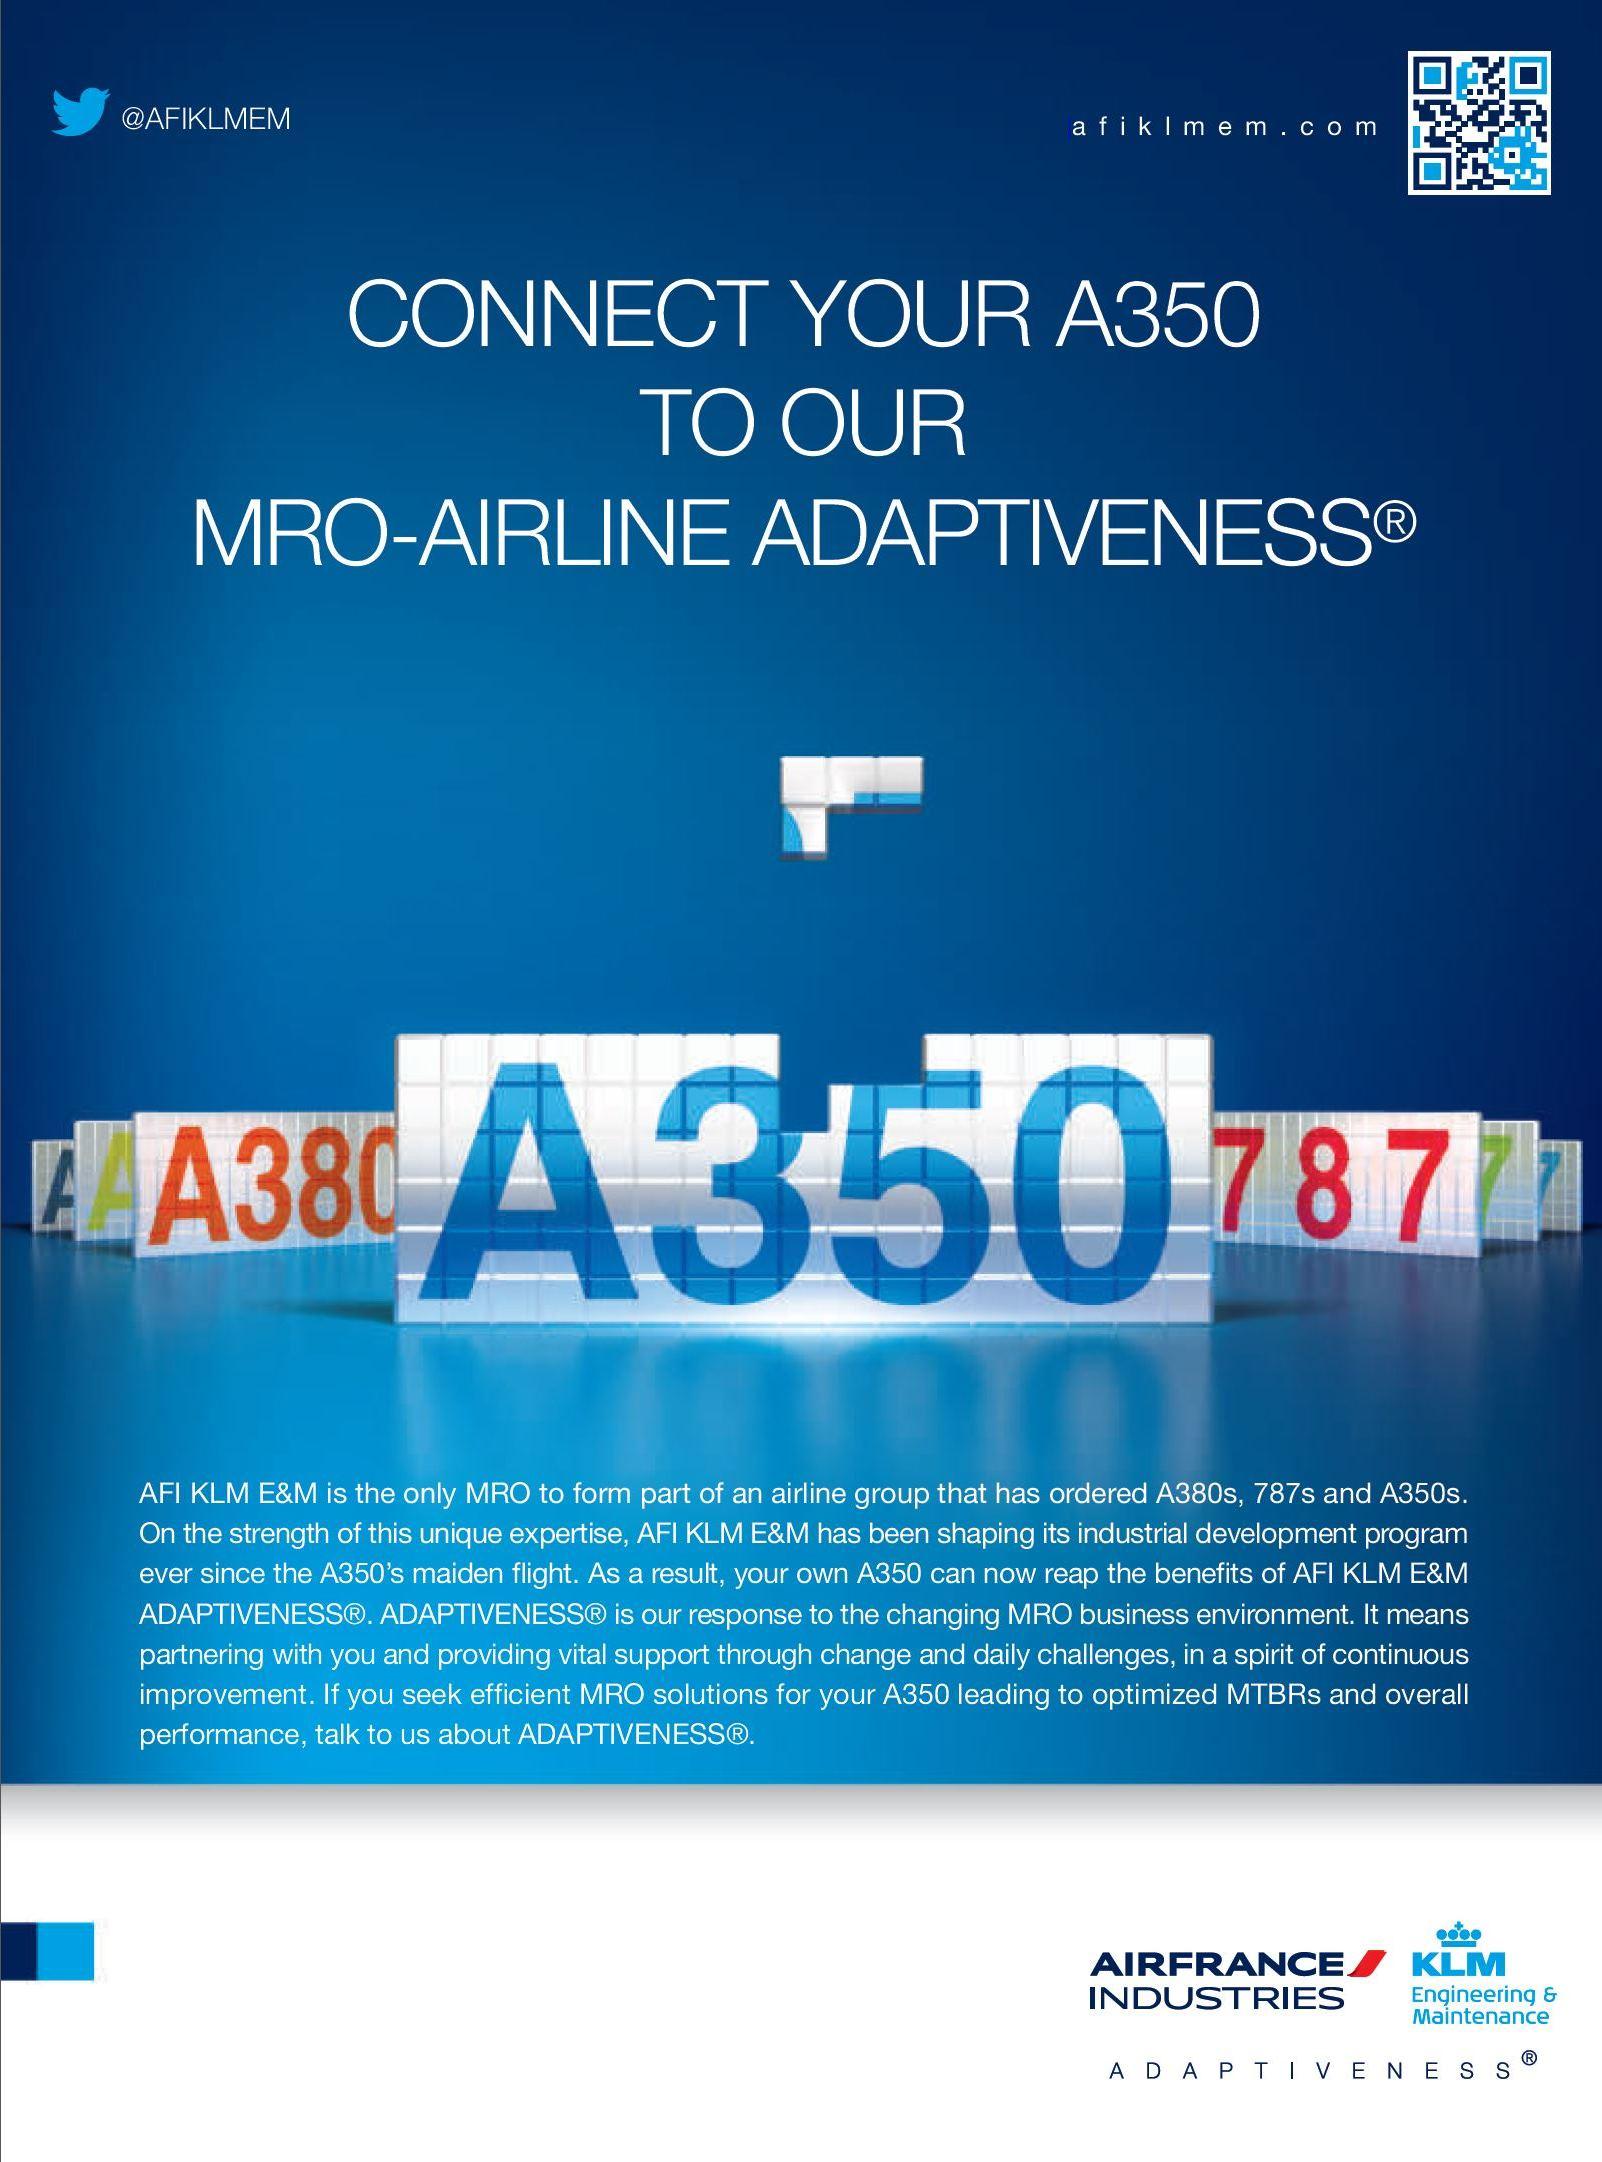 Air France-KLM - Airbus A350 MRO Ad